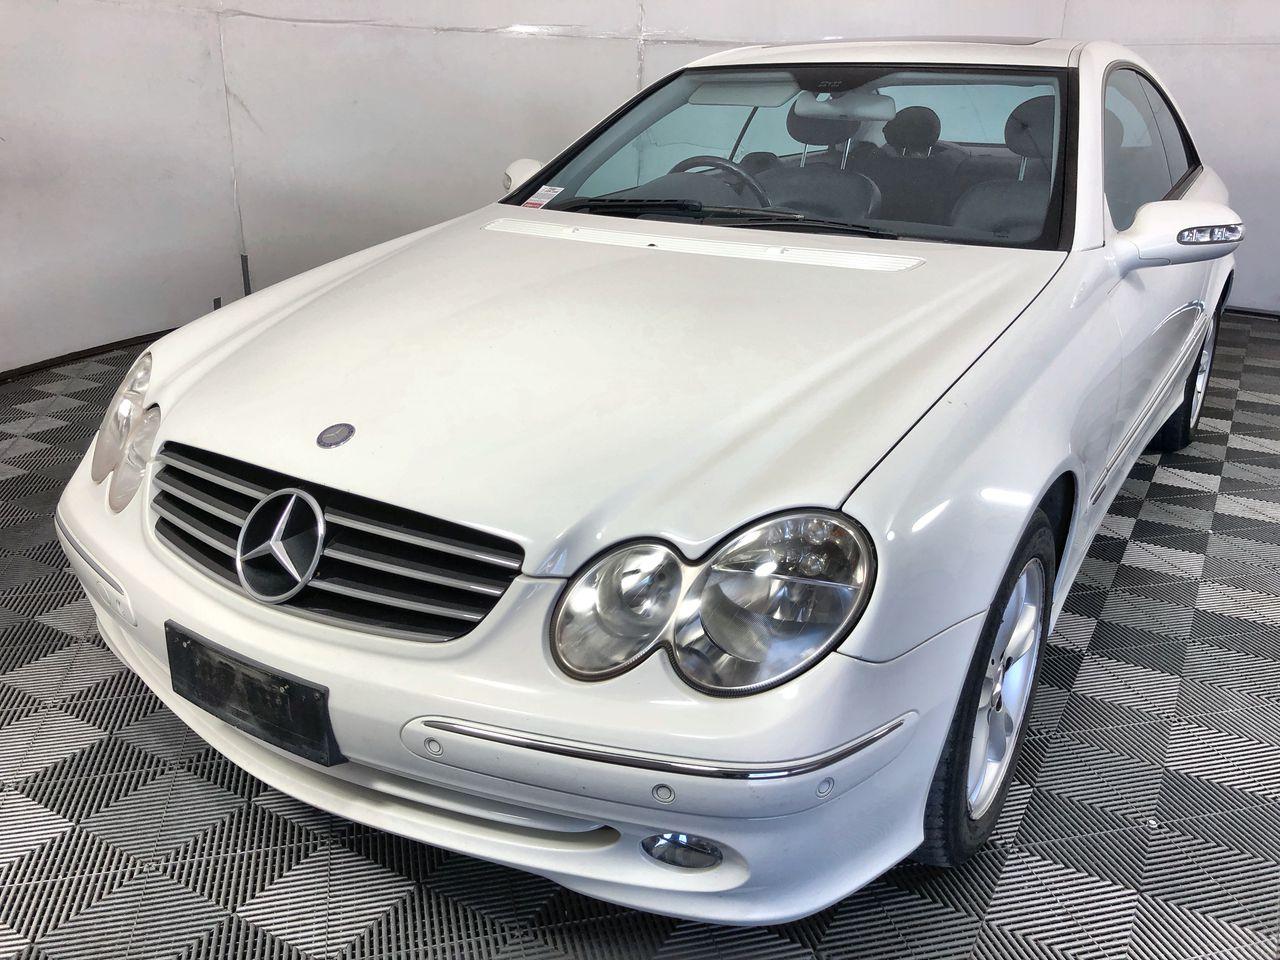 2004 Mercedes Benz CLK320 Avantgarde Automatic Coupe